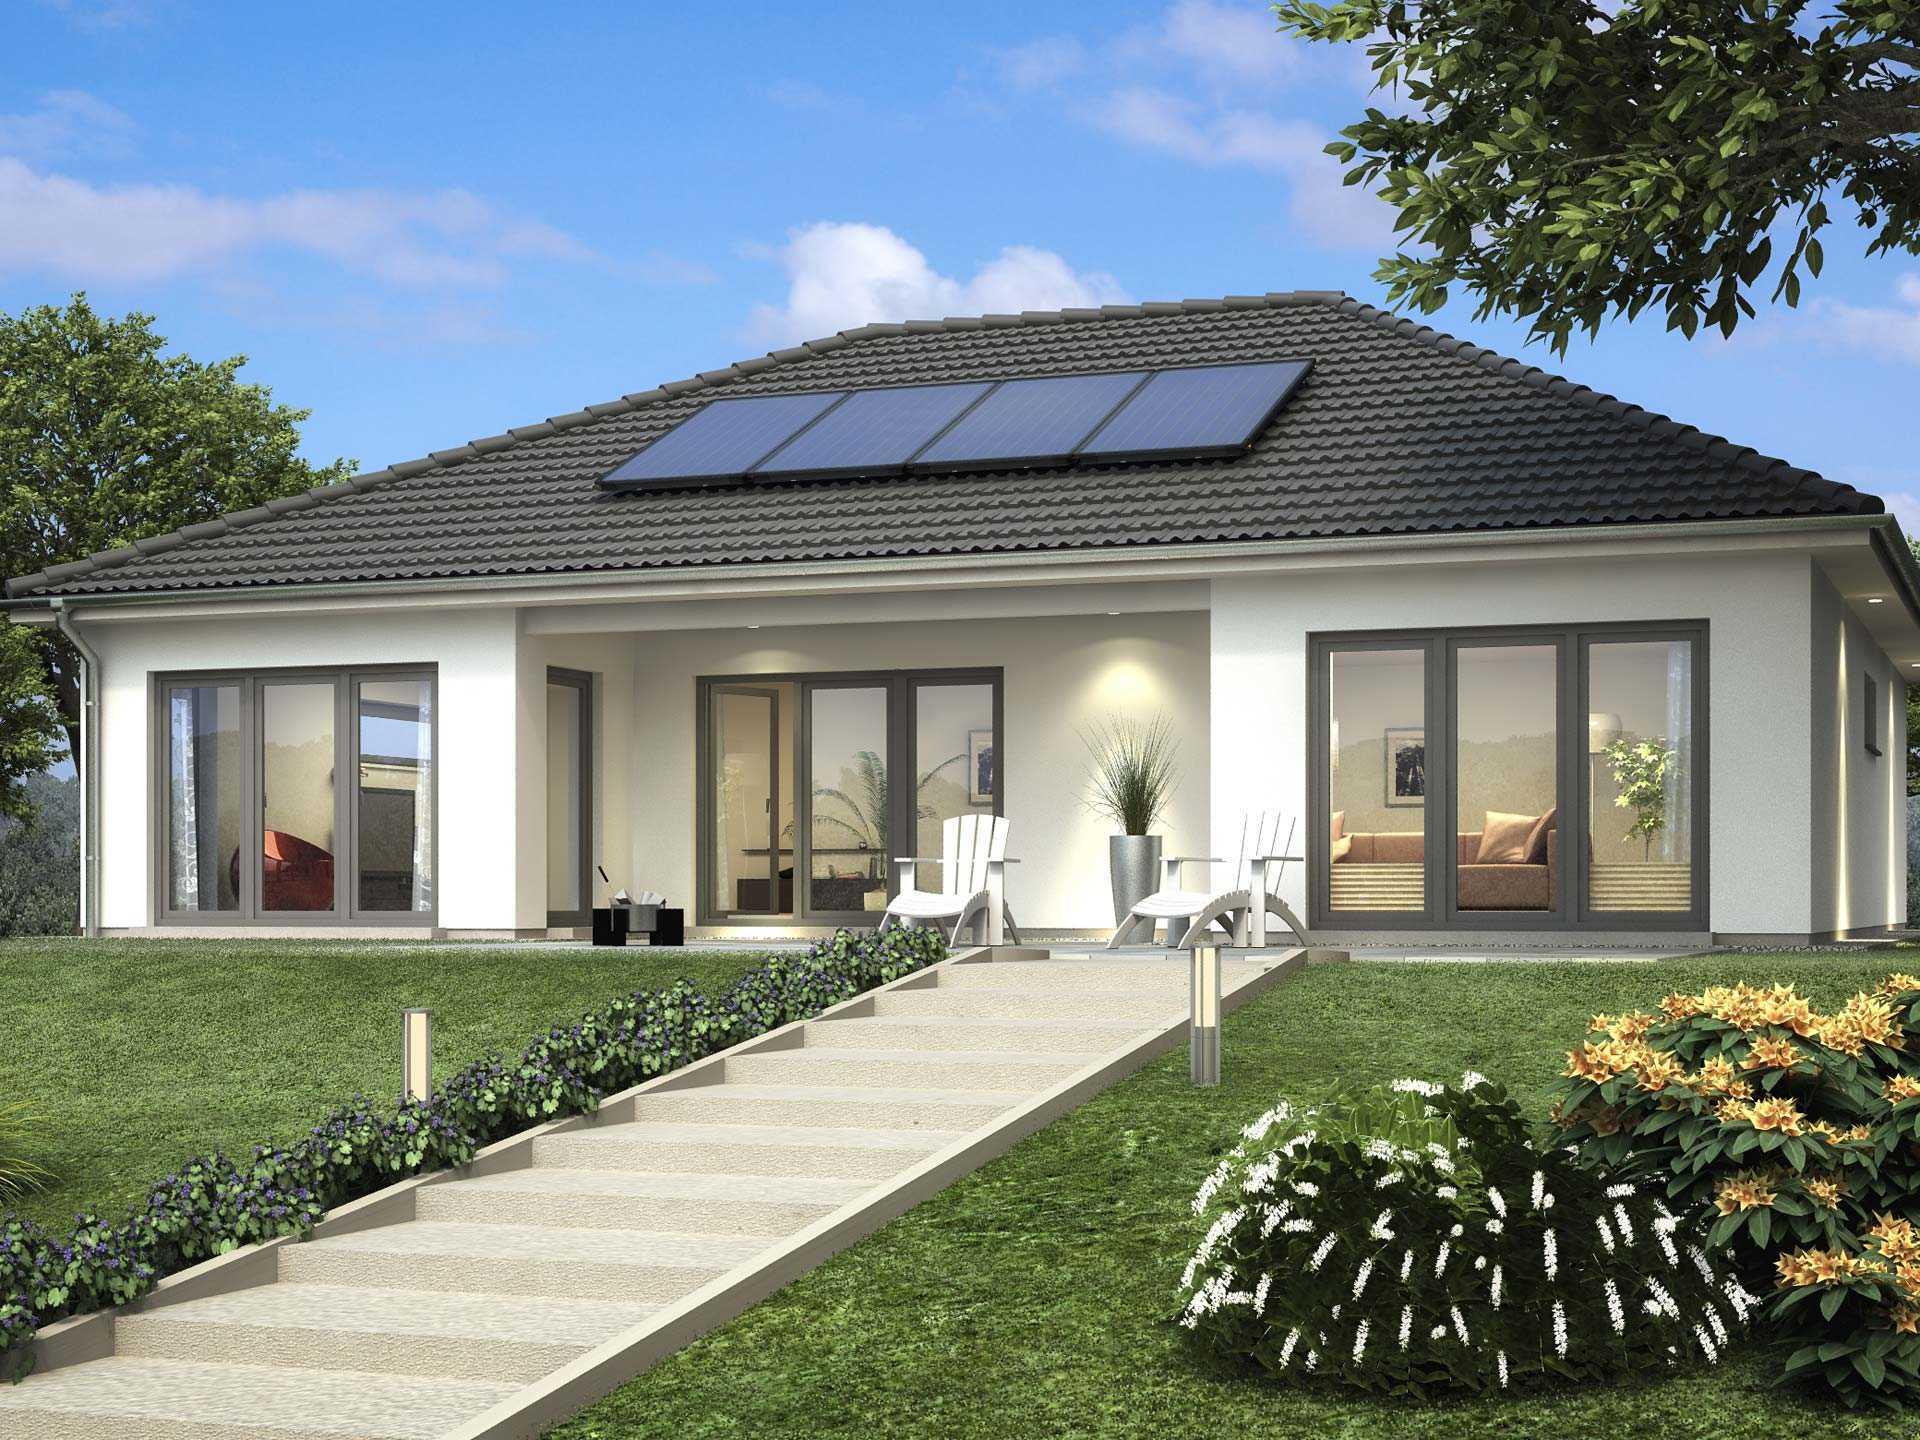 Bungalow sh 146 b scanhaus marlow for Bungalow fertighaus bauen